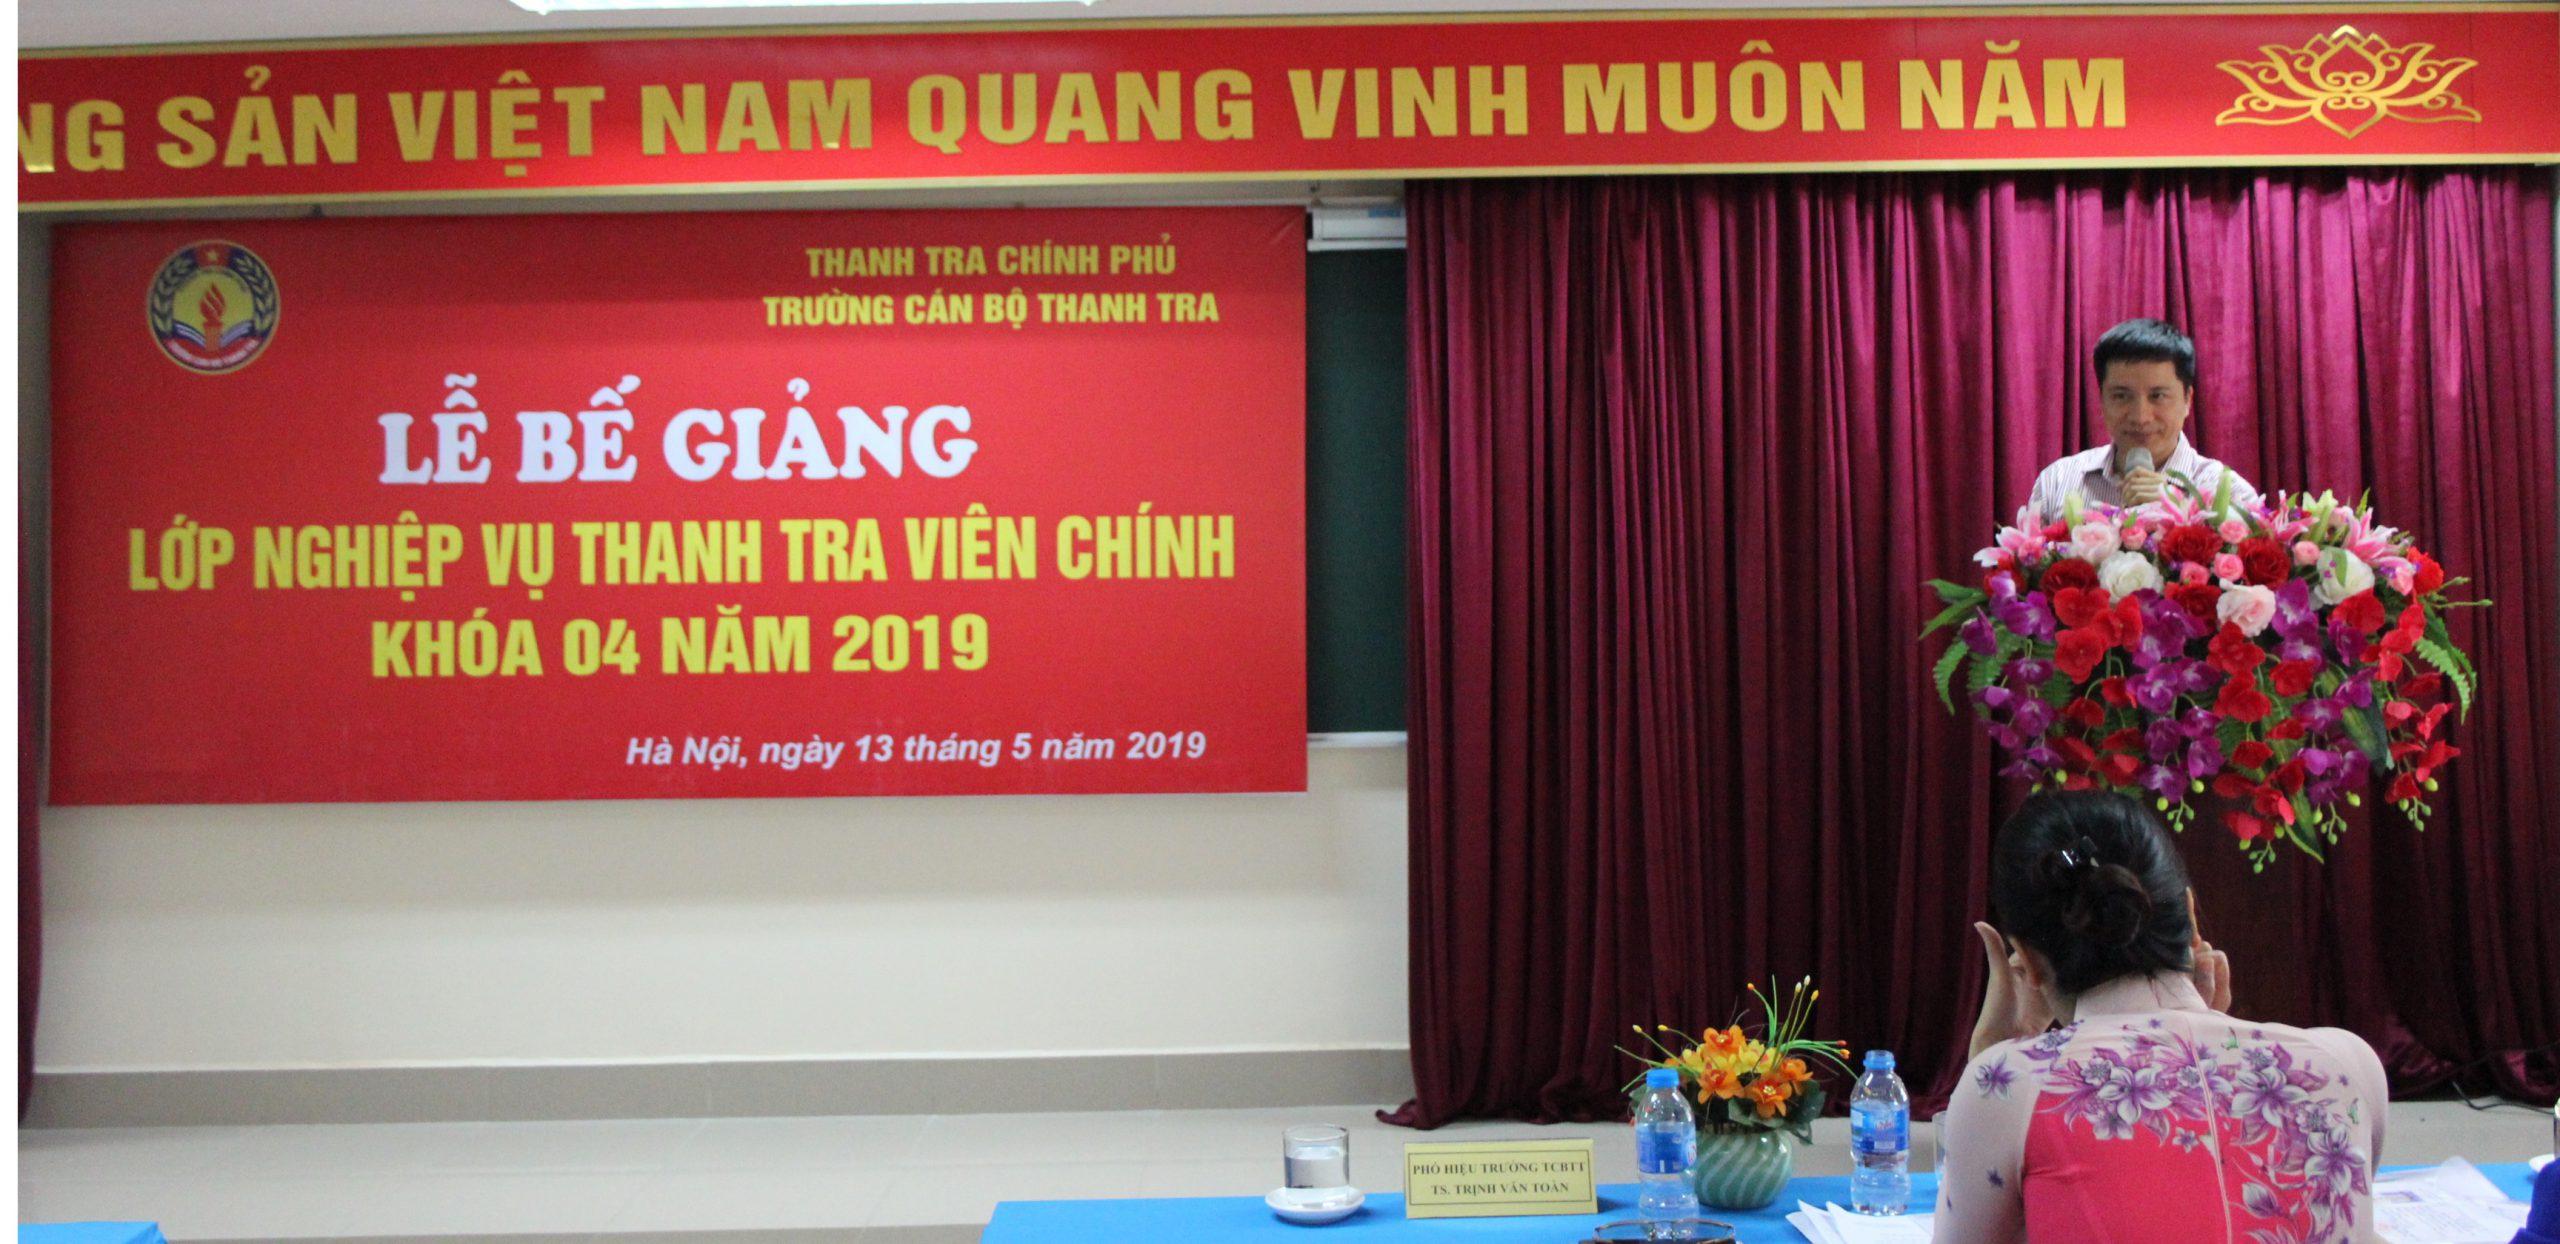 TS Trịnh Văn Toàn Phó Hiệu trưởng Trg CBTT phát biểu bế giảng khóa học